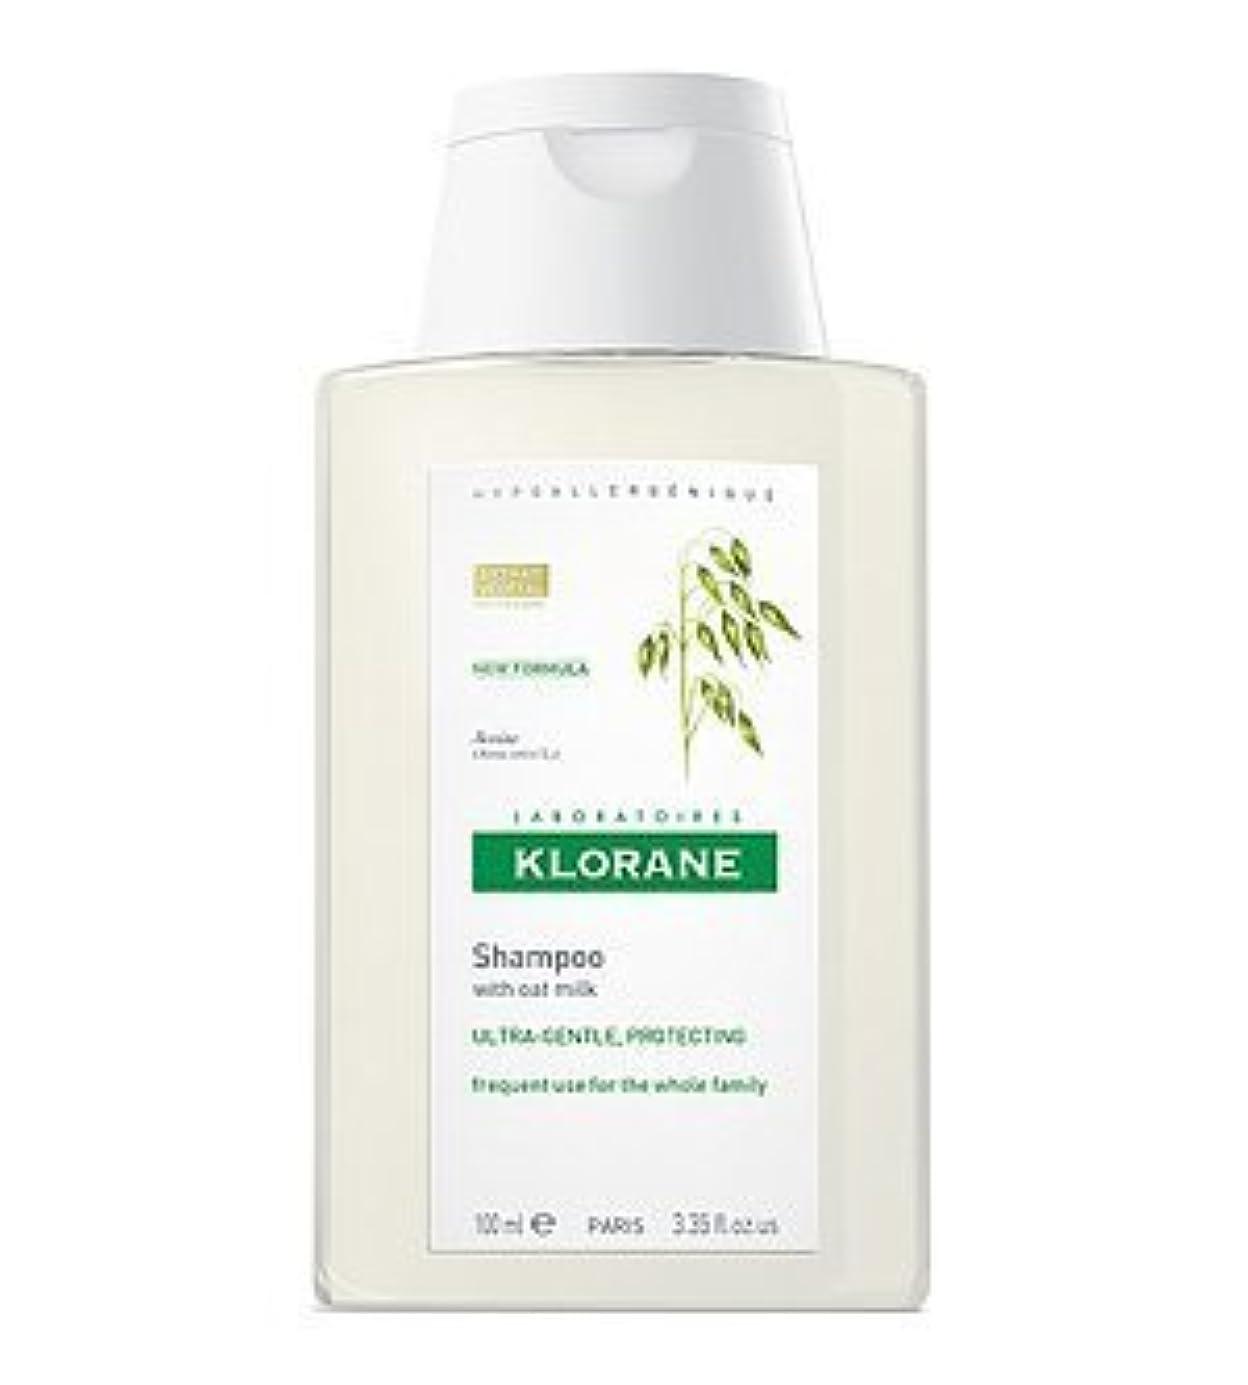 確保する明らかにする声を出してKlorane Shampoo with Oat Milk, 3.35 fl. oz. by Klorane [並行輸入品]